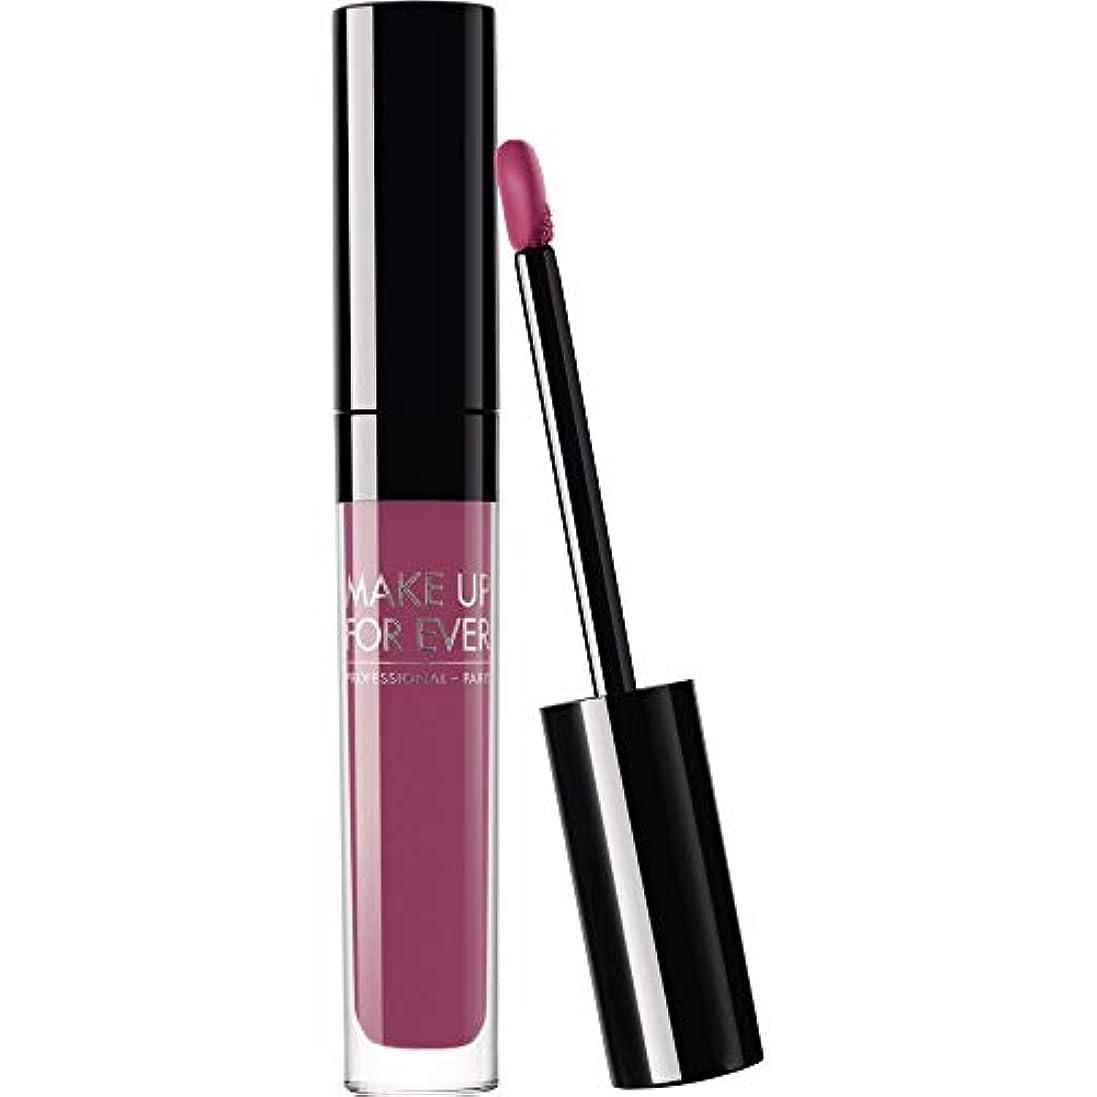 劇場ムスミンチ[MAKE UP FOR EVER] 205 2.5ミリリットル、これまでアーティストの液体マットリップカラーを補う - Mauvyピンク - MAKE UP FOR EVER Artist Liquid Matte Lip Colour 2.5ml 205 - Mauvy Pink [並行輸入品]